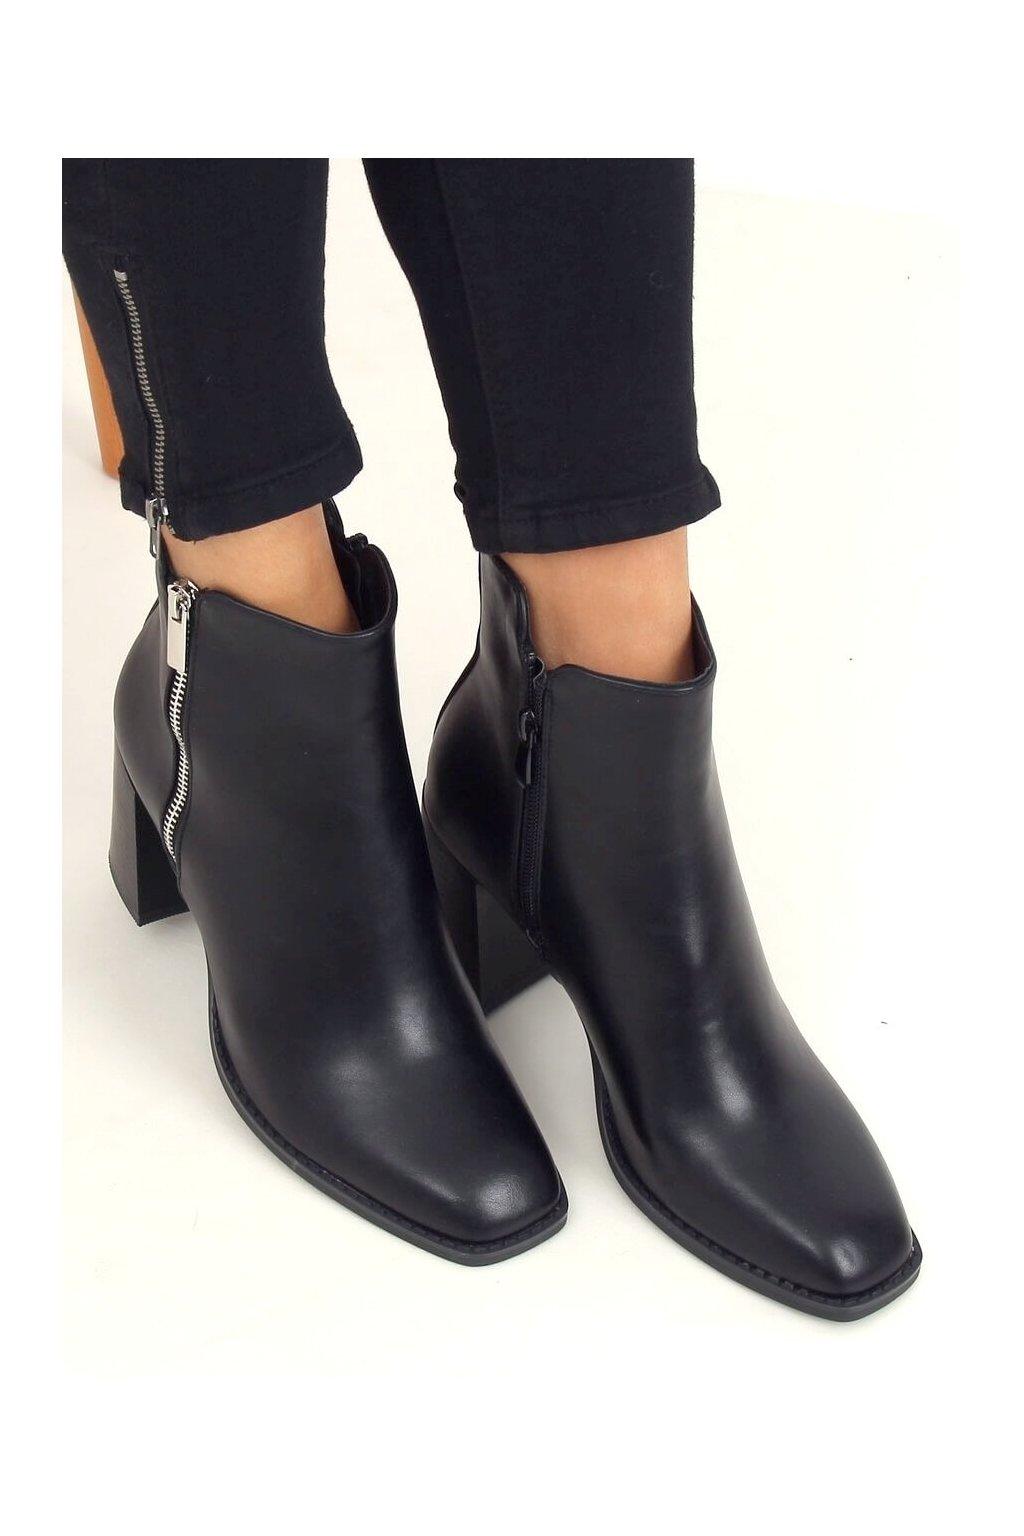 Dámske členkové topánky čierne na širokom podpätku 8373-GA